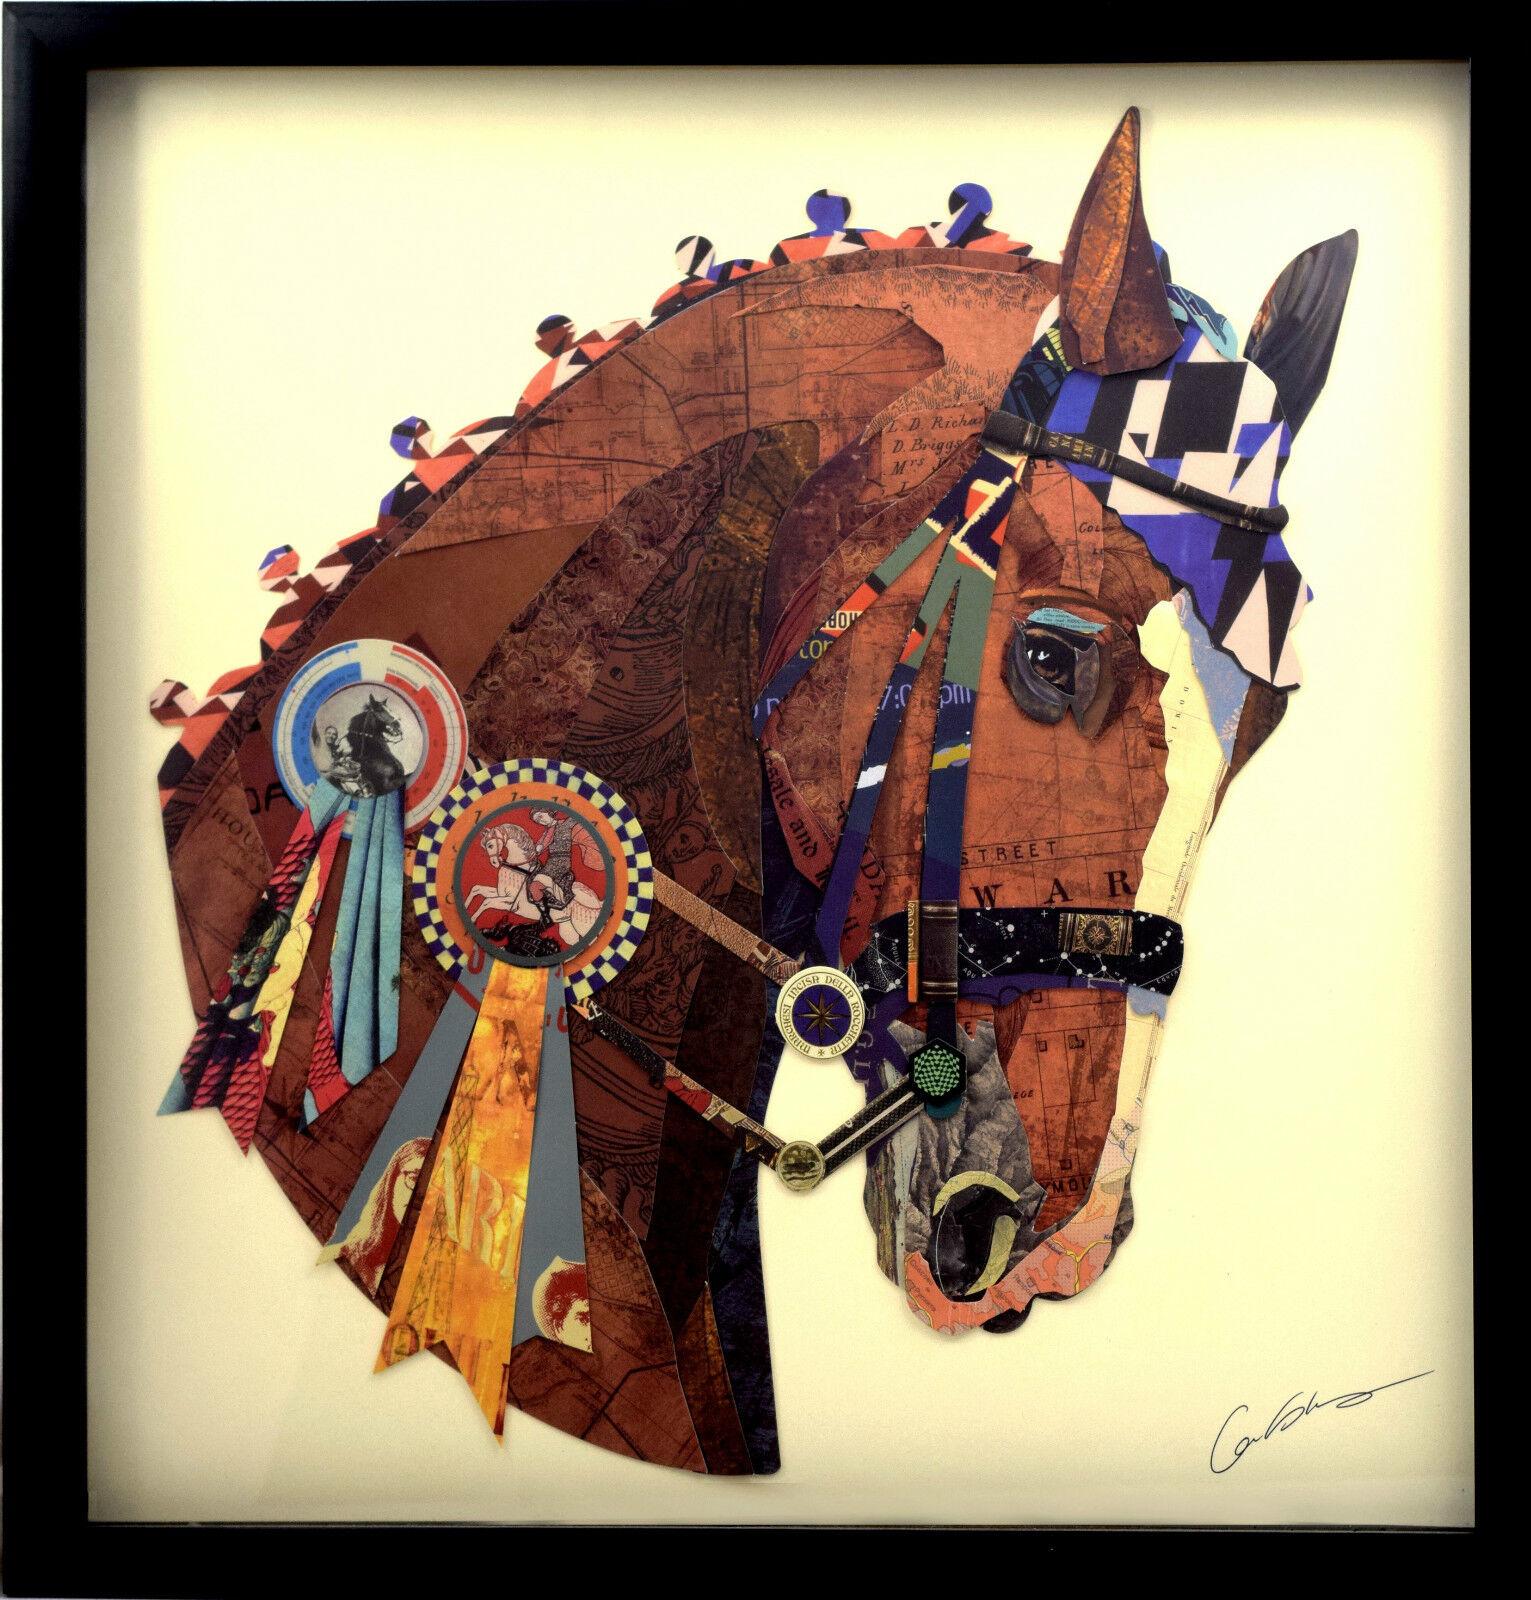 Victoria 3D Collage Cuadro Parot Hecho Mano moderno carreras caballos equitacion